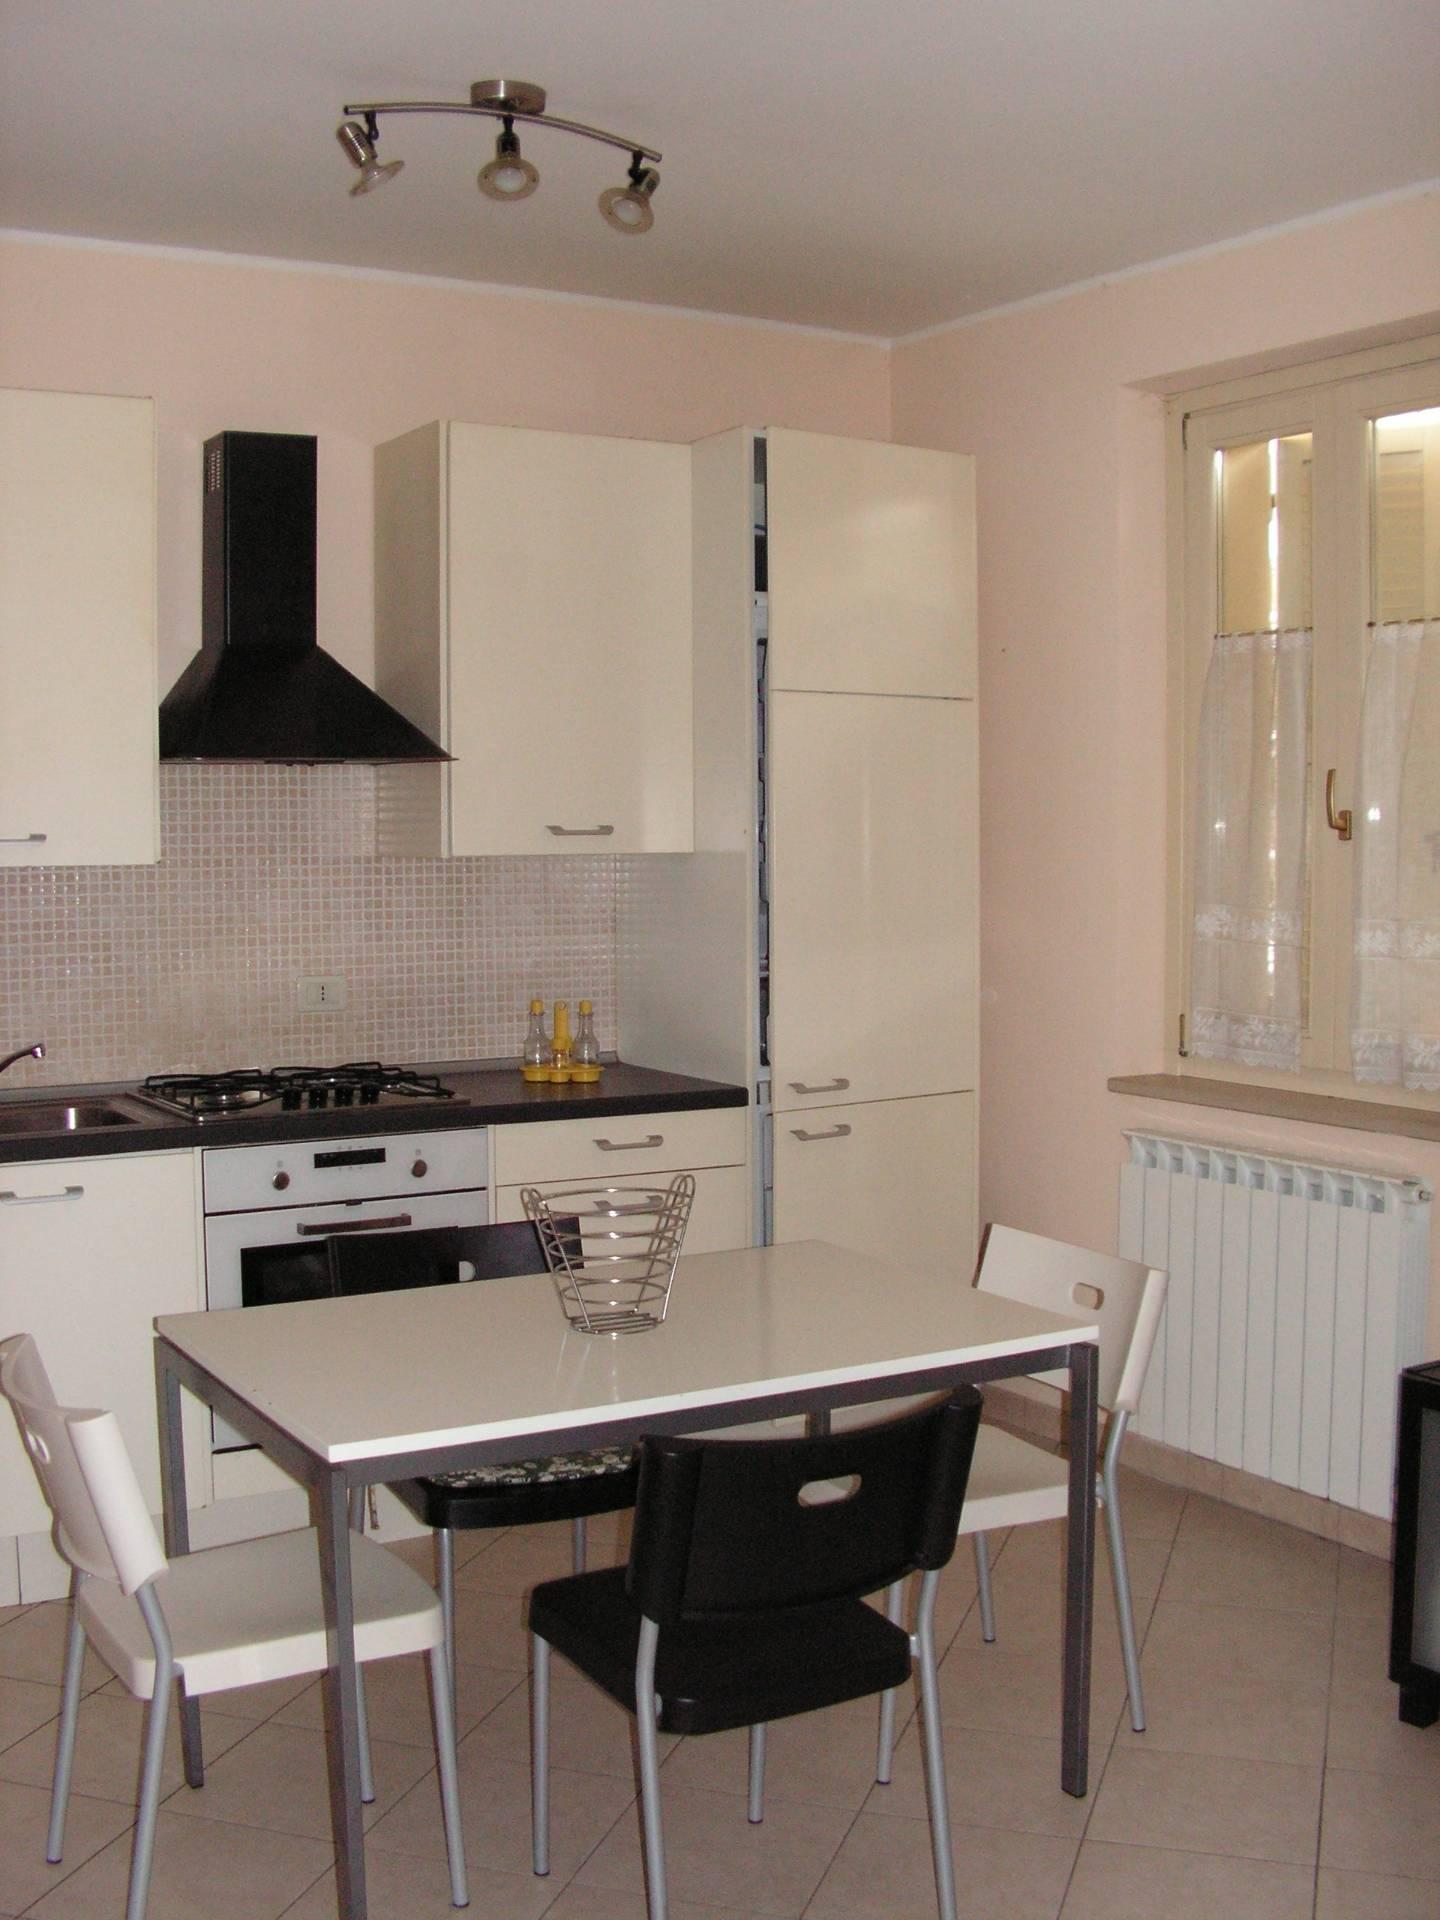 Appartamento in affitto a Fabriano, 1 locali, zona Località: CENTROSTORICO, prezzo € 280 | Cambio Casa.it